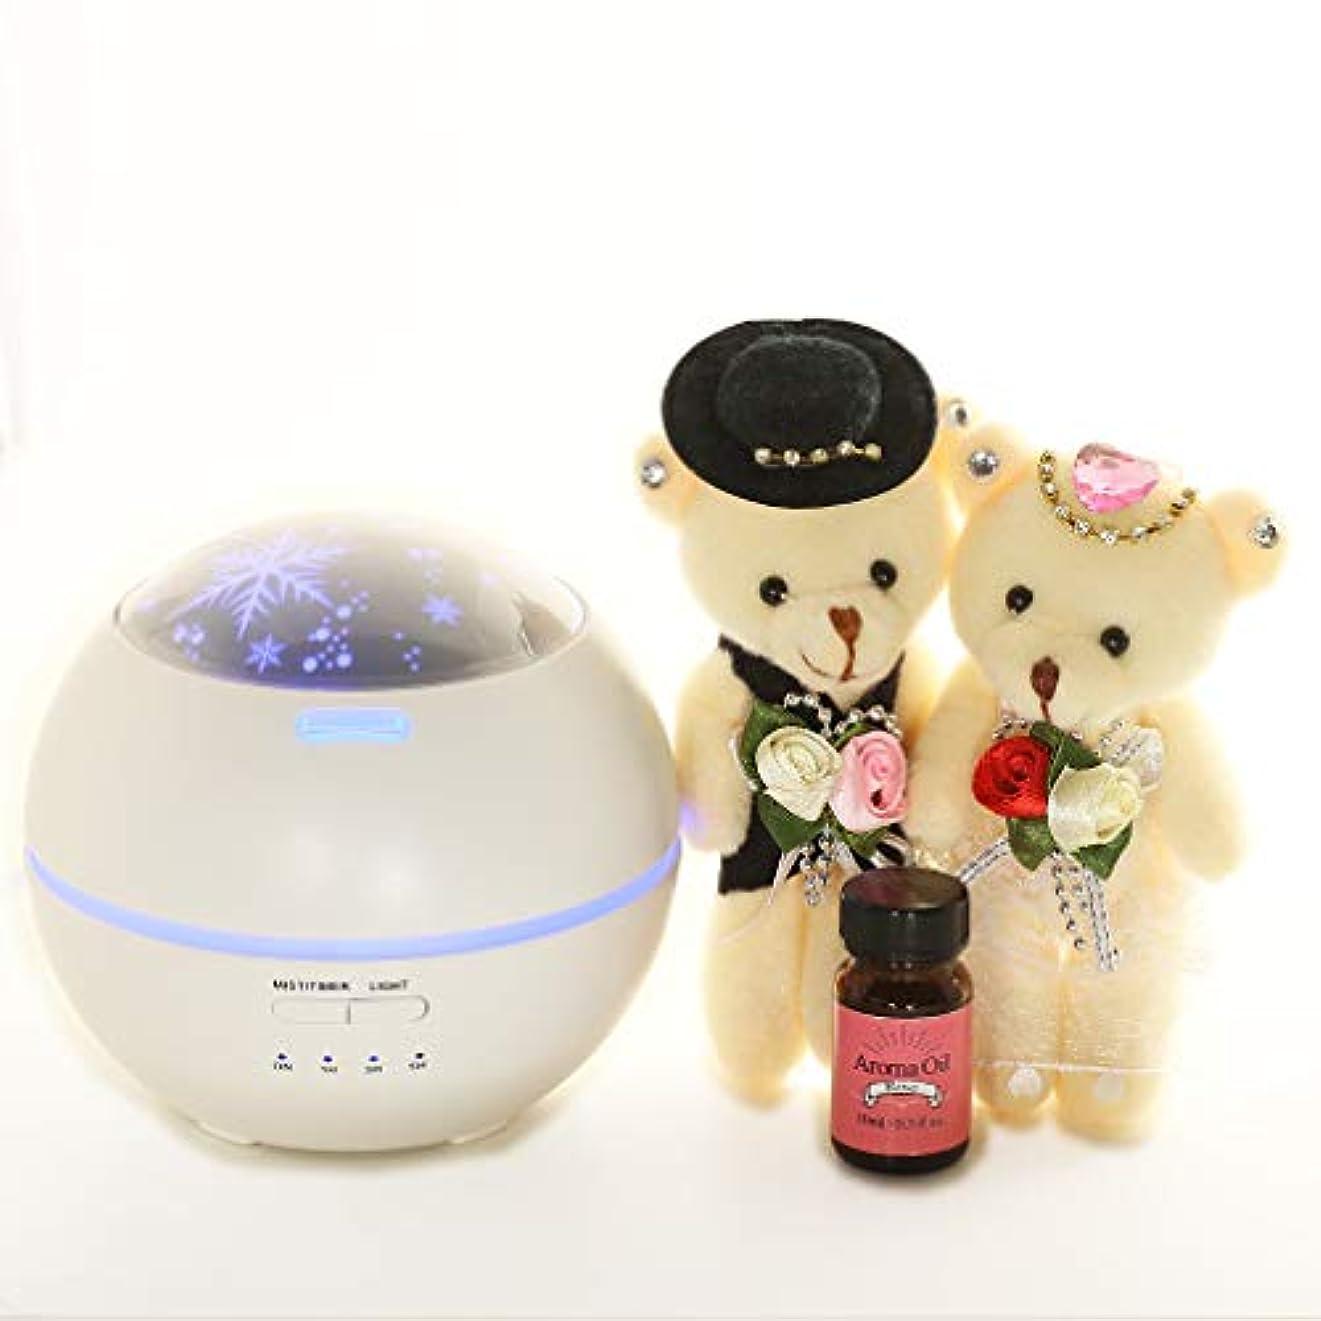 [ファンシー] 誕生日プレゼント 女性 人気 彼女 ホワイトデーお返し アロマディフューザー 超音波式 卓上加湿器 ムードランプ 時間設定 ベットルーム 部屋 会社 投影機能 150ml ホワイト df01